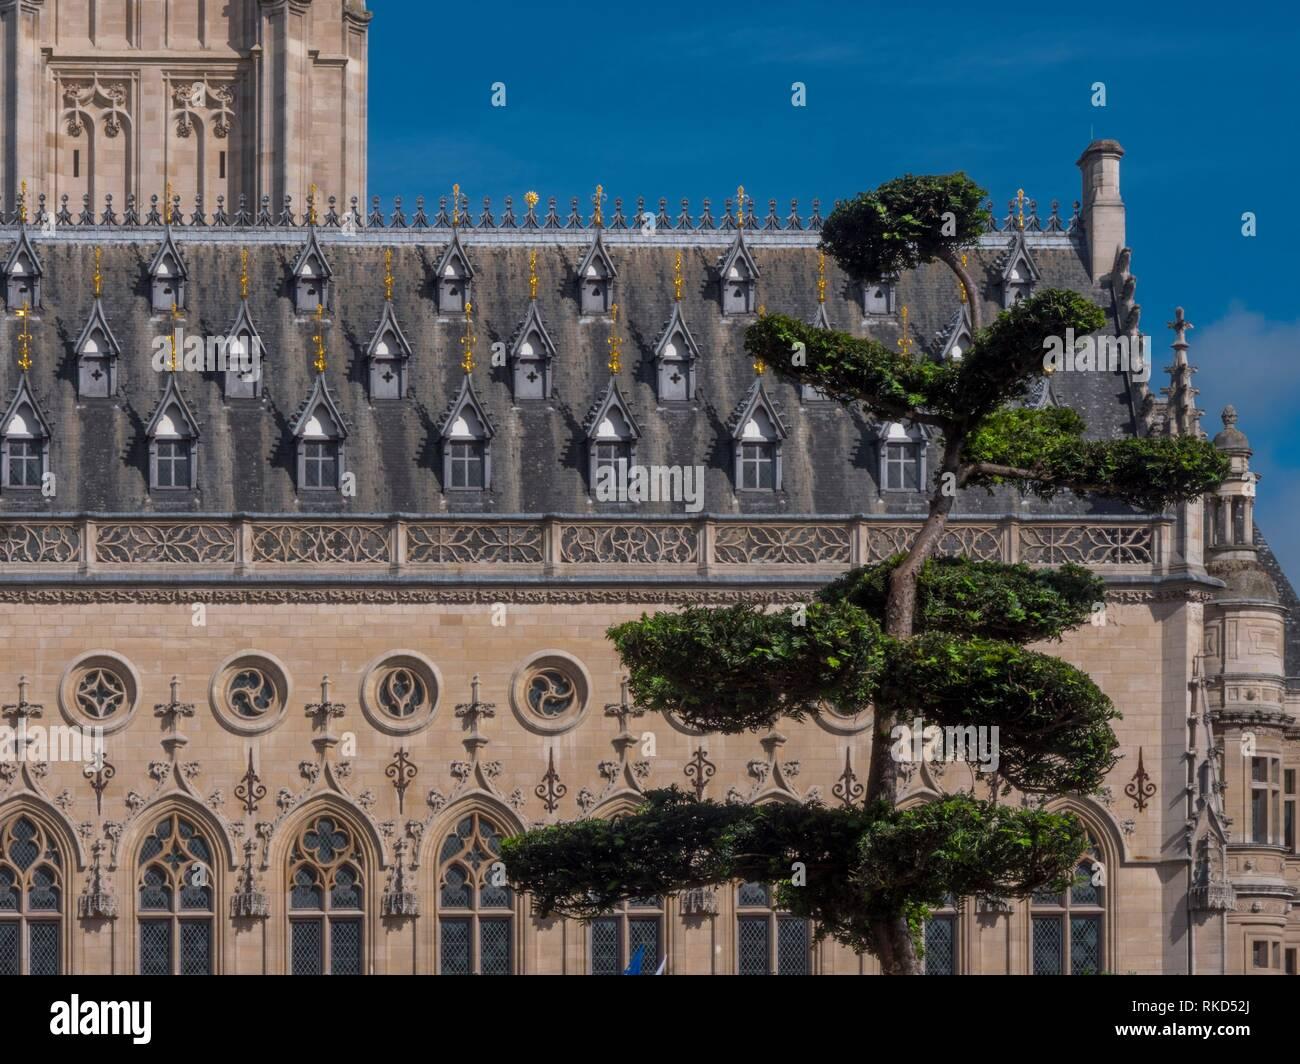 France, Hauts de France, Pas de Calais, Town Hall at Arras. - Stock Image